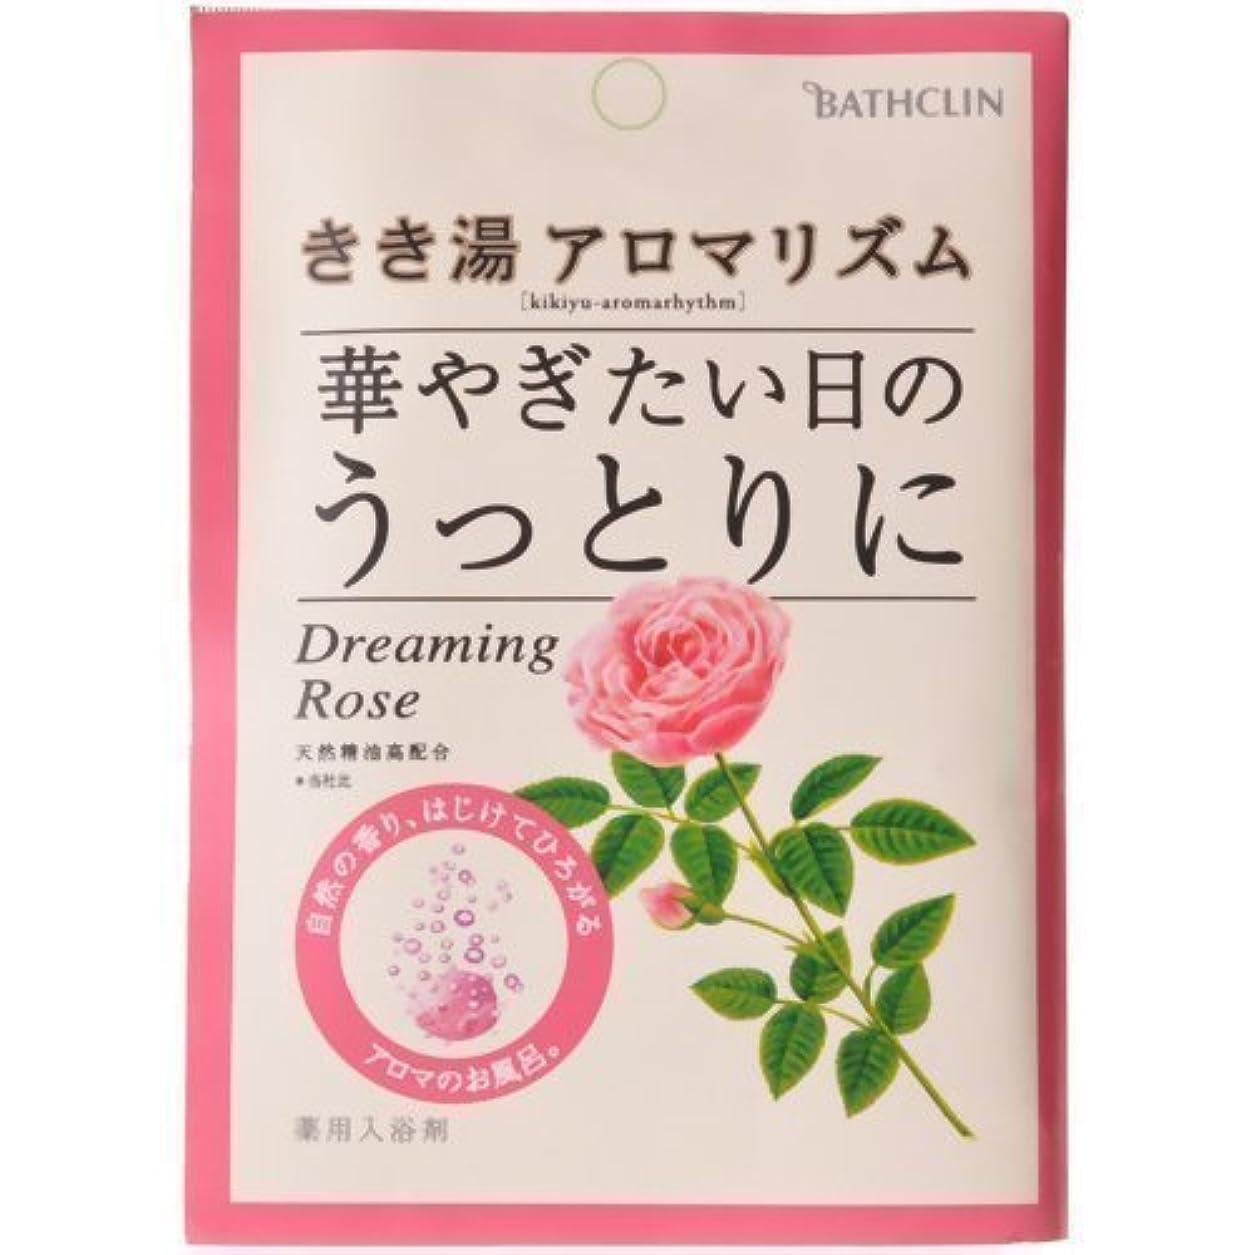 鈍い水差し減る【まとめ買い】きき湯 アロマリズム ドリーミングローズの香り 30g ×6個